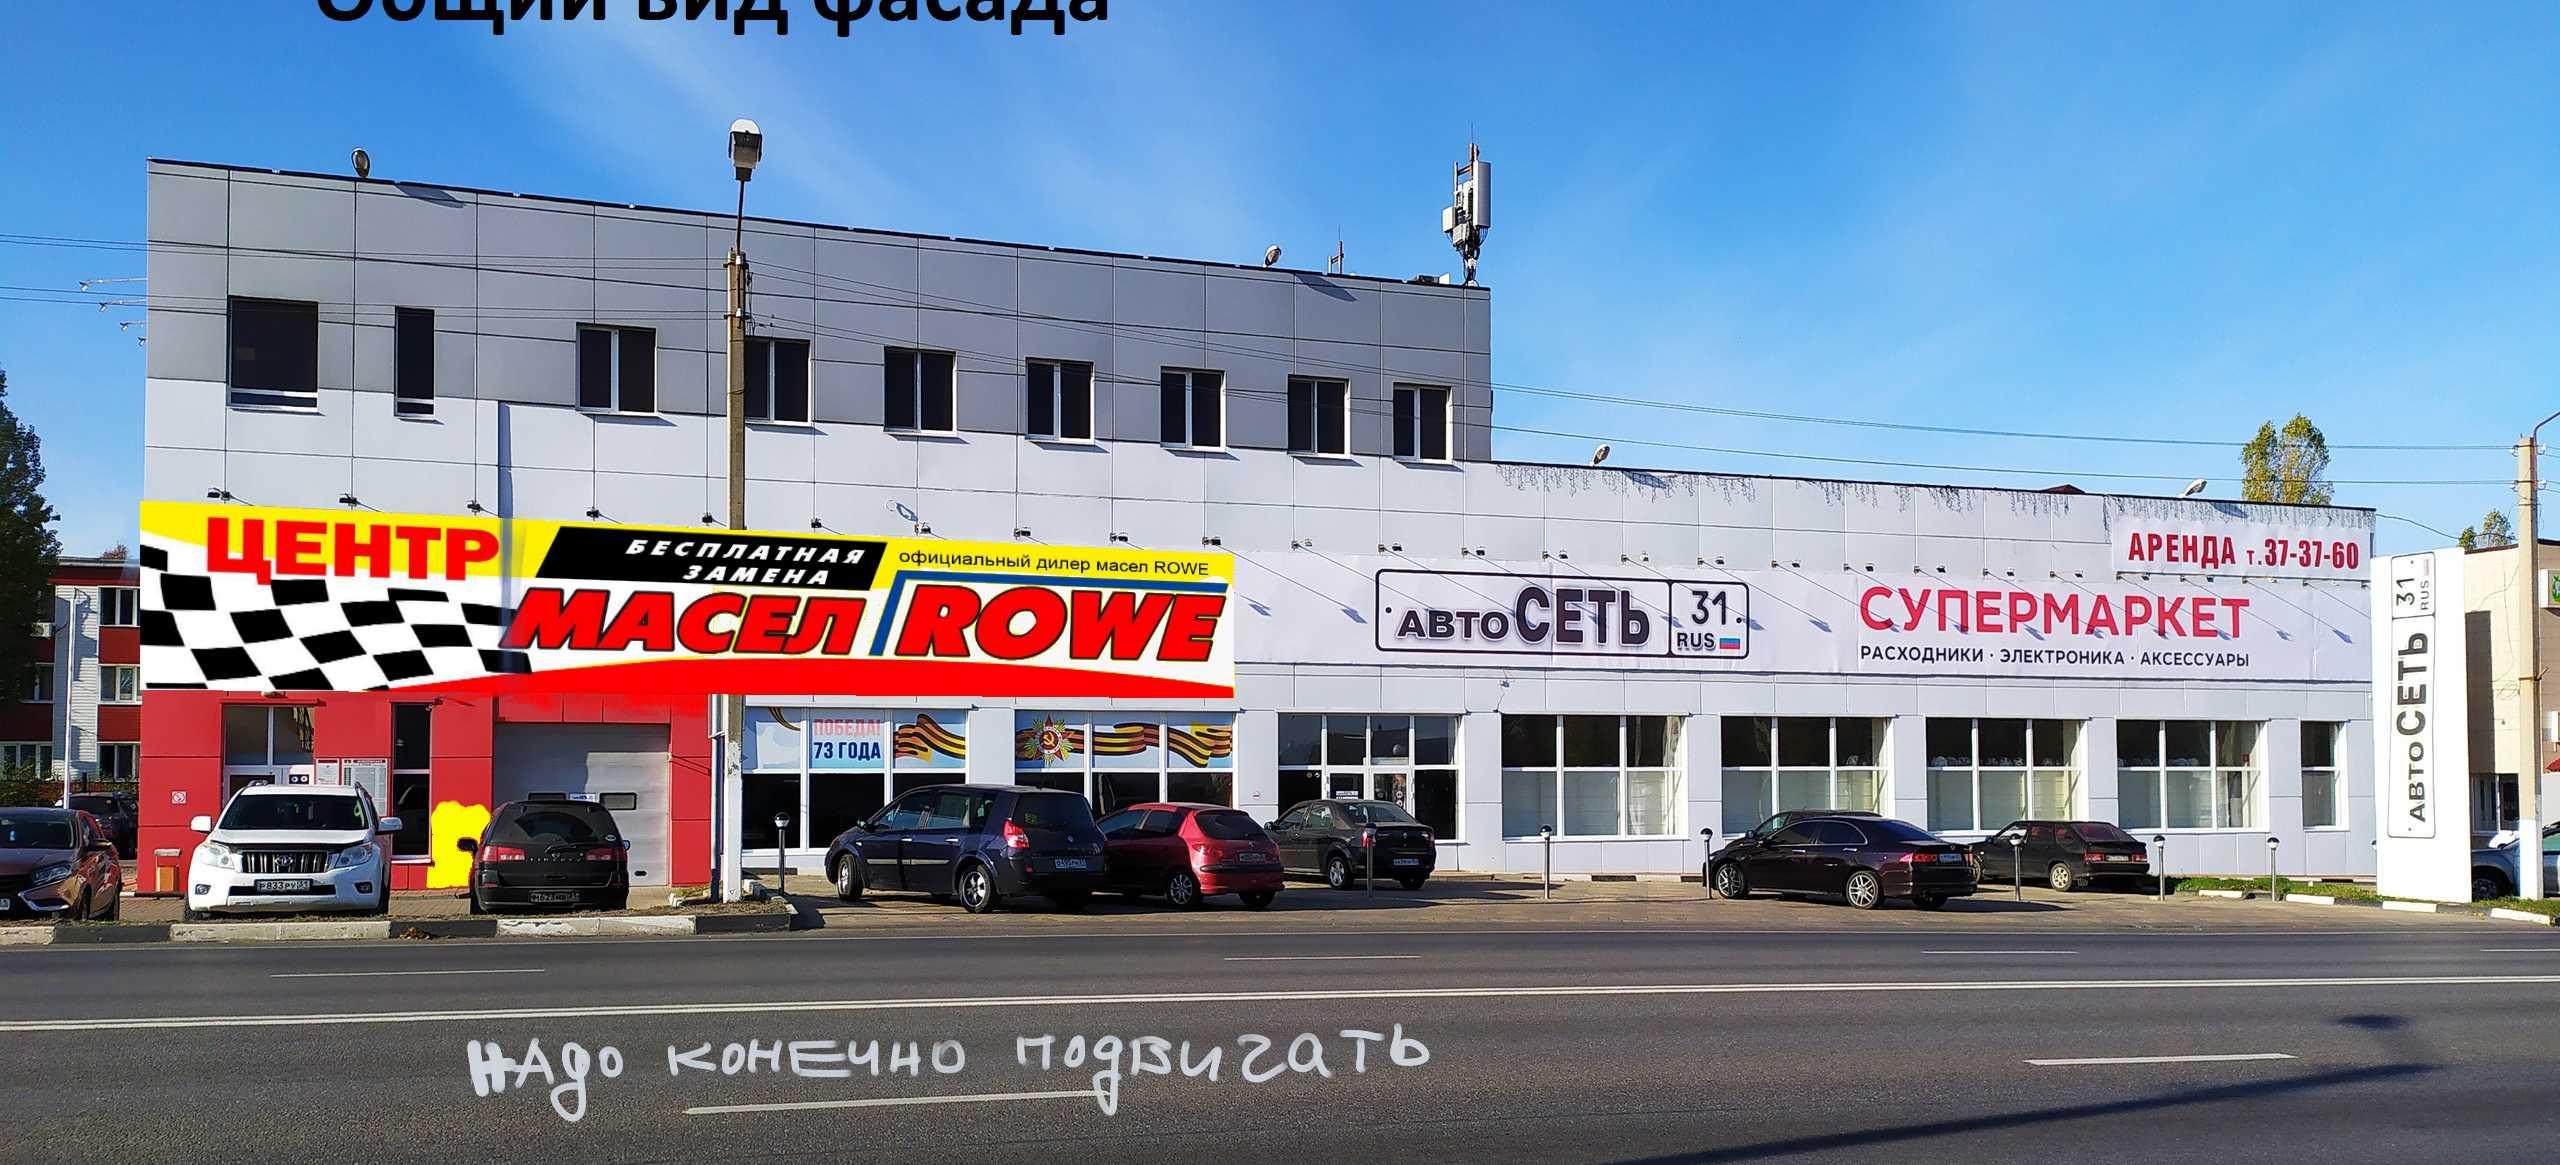 Оформление фасада автосервиса фото f_5615e413f6fb0974.jpg